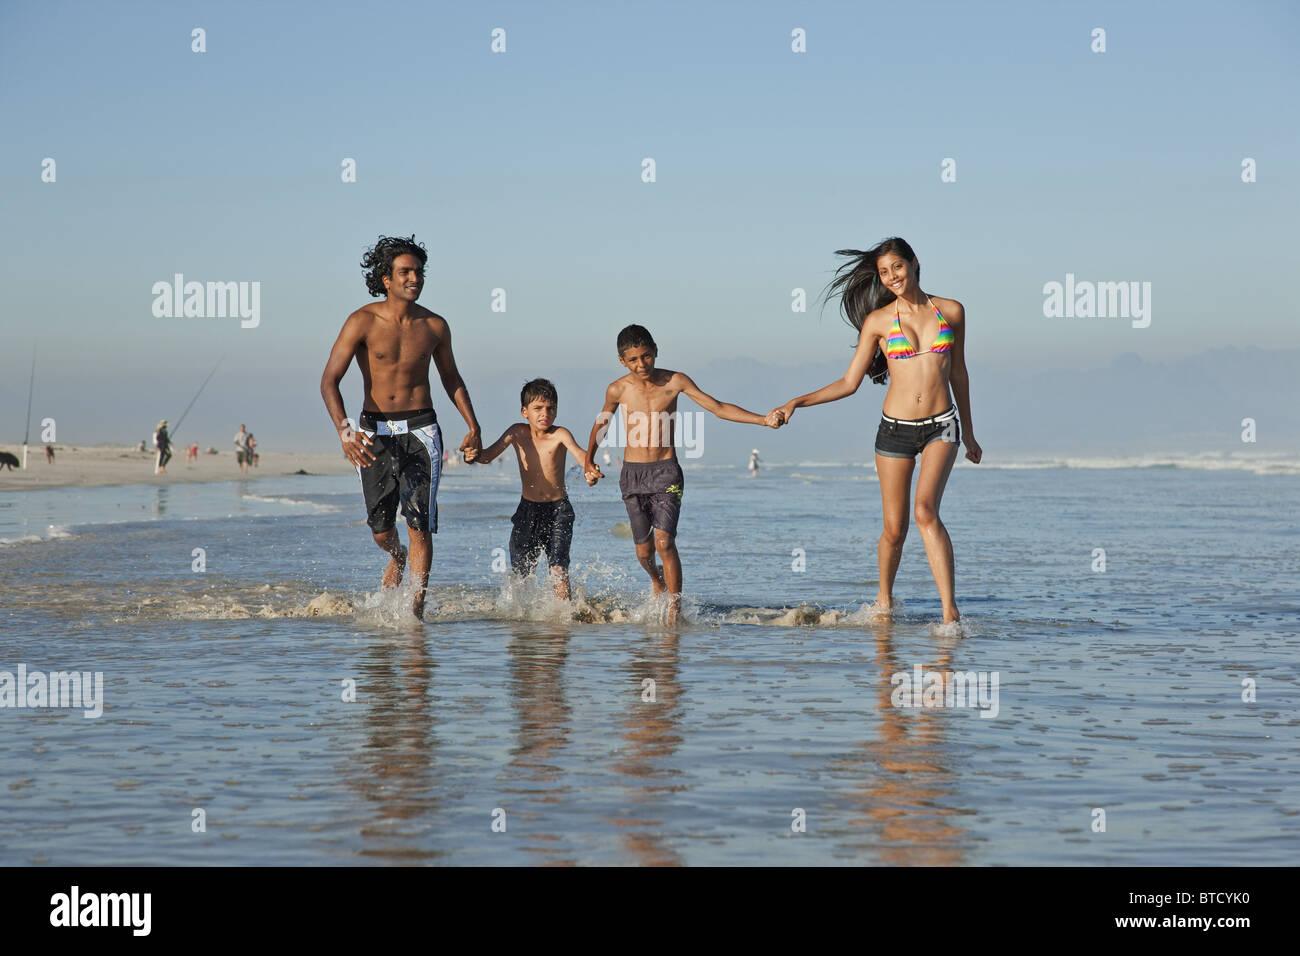 Indische Familie, gekleidet in Badesachen, spielen in flachen Wellen. Stockbild